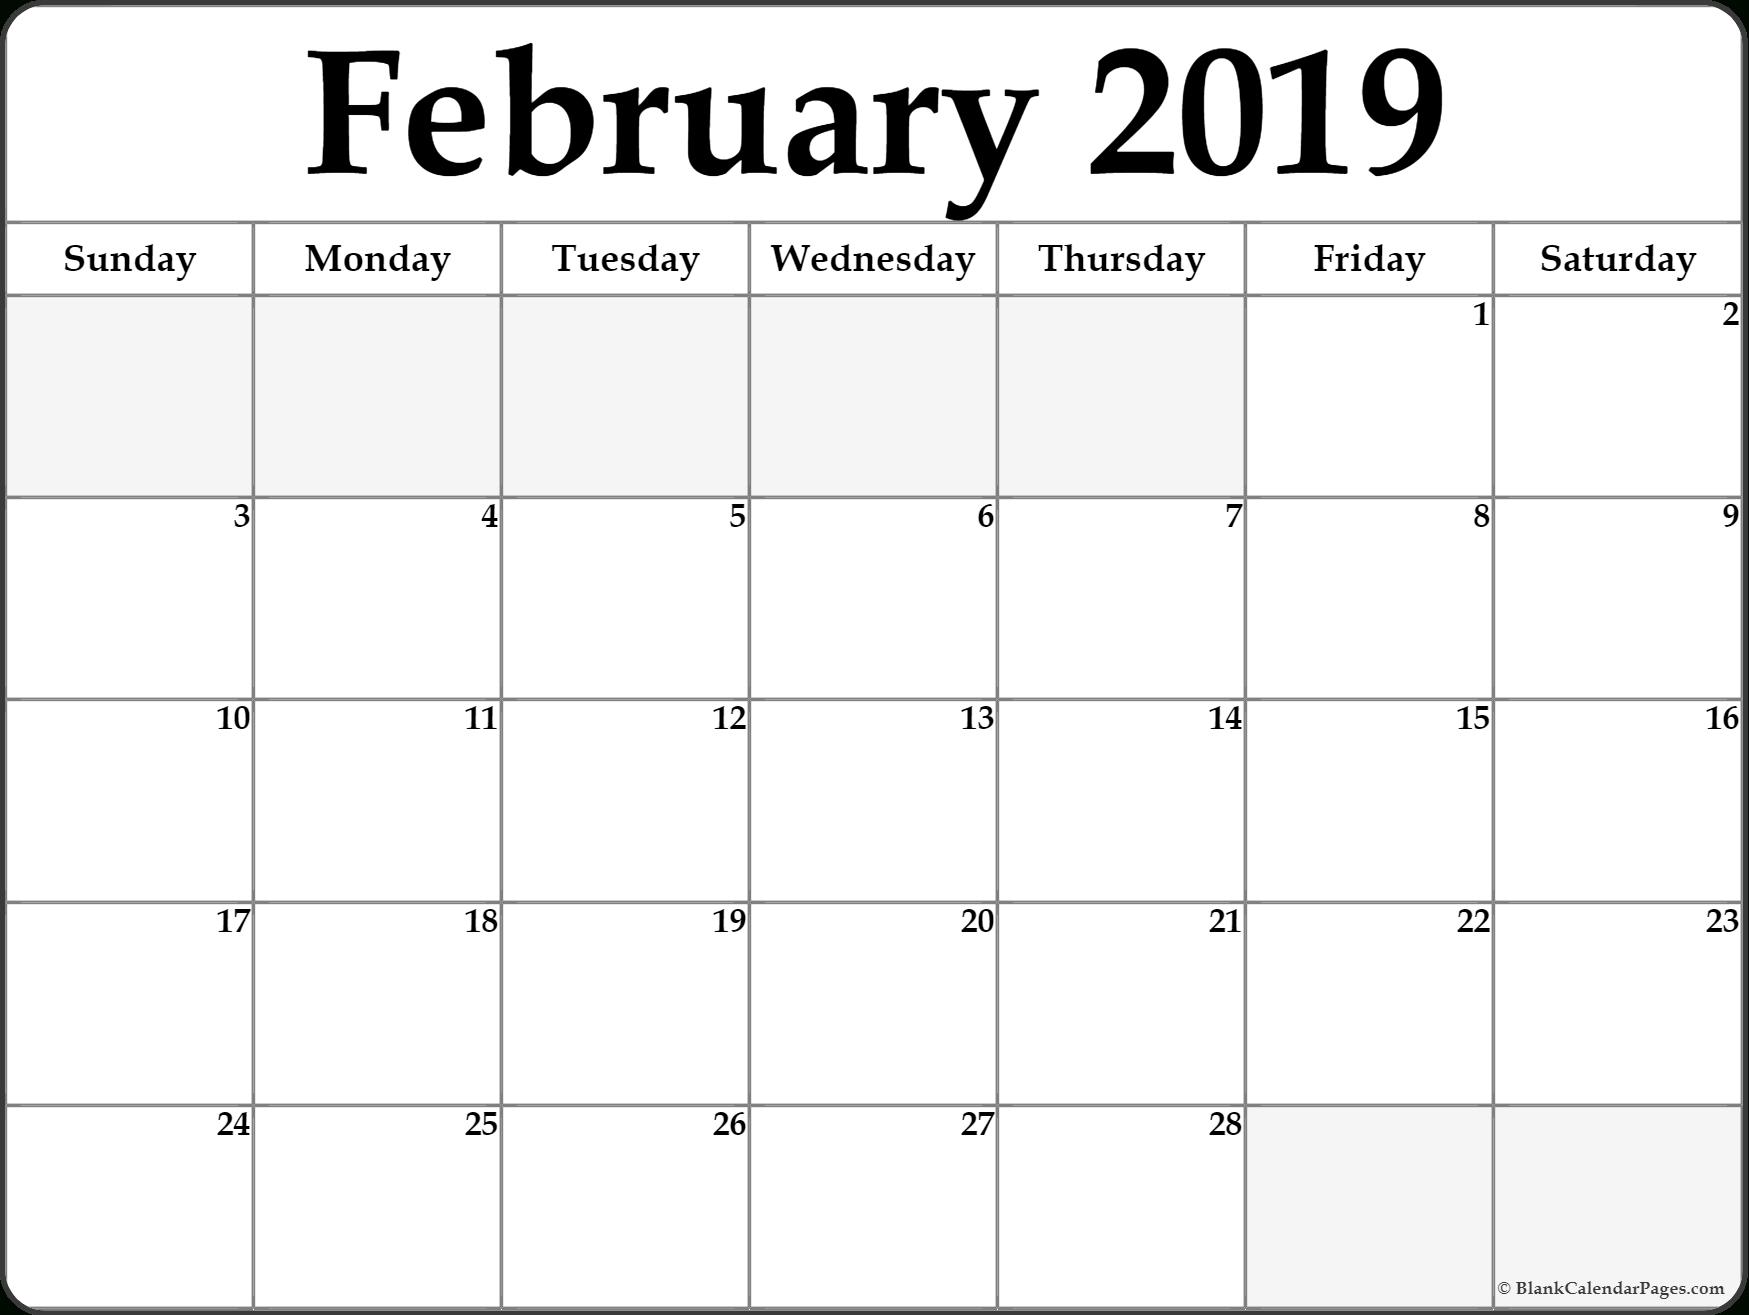 Print-A-Calendarcom February 2019 Free Printable Calendar, Templates and Holidays